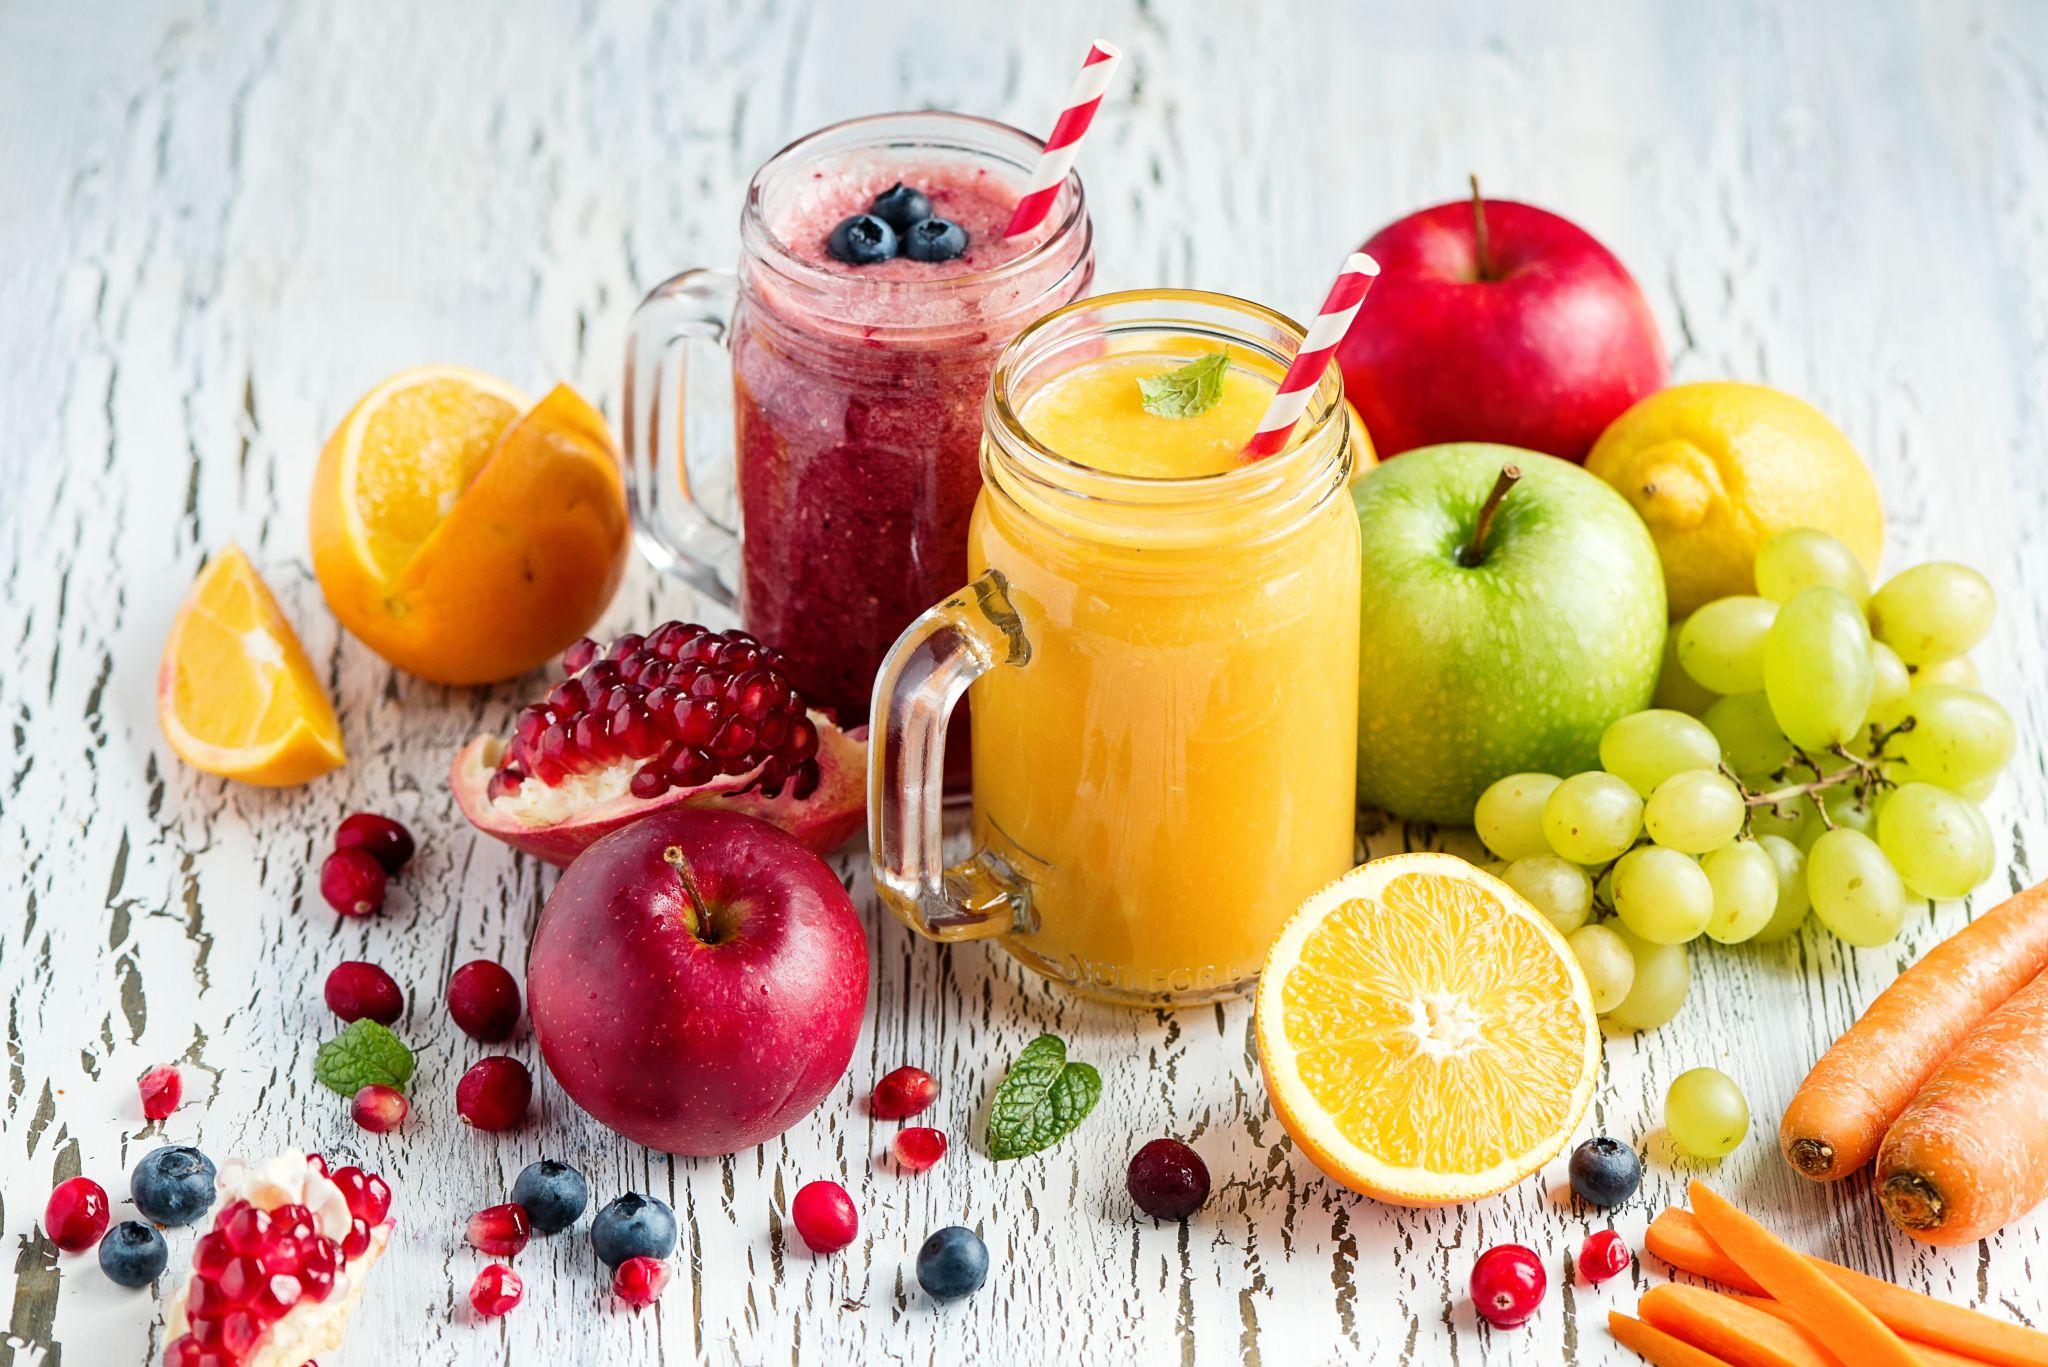 Toitumisnõustaja hinnang! Puuviljades sisalduvat suhkrut ei maksa liialt karta